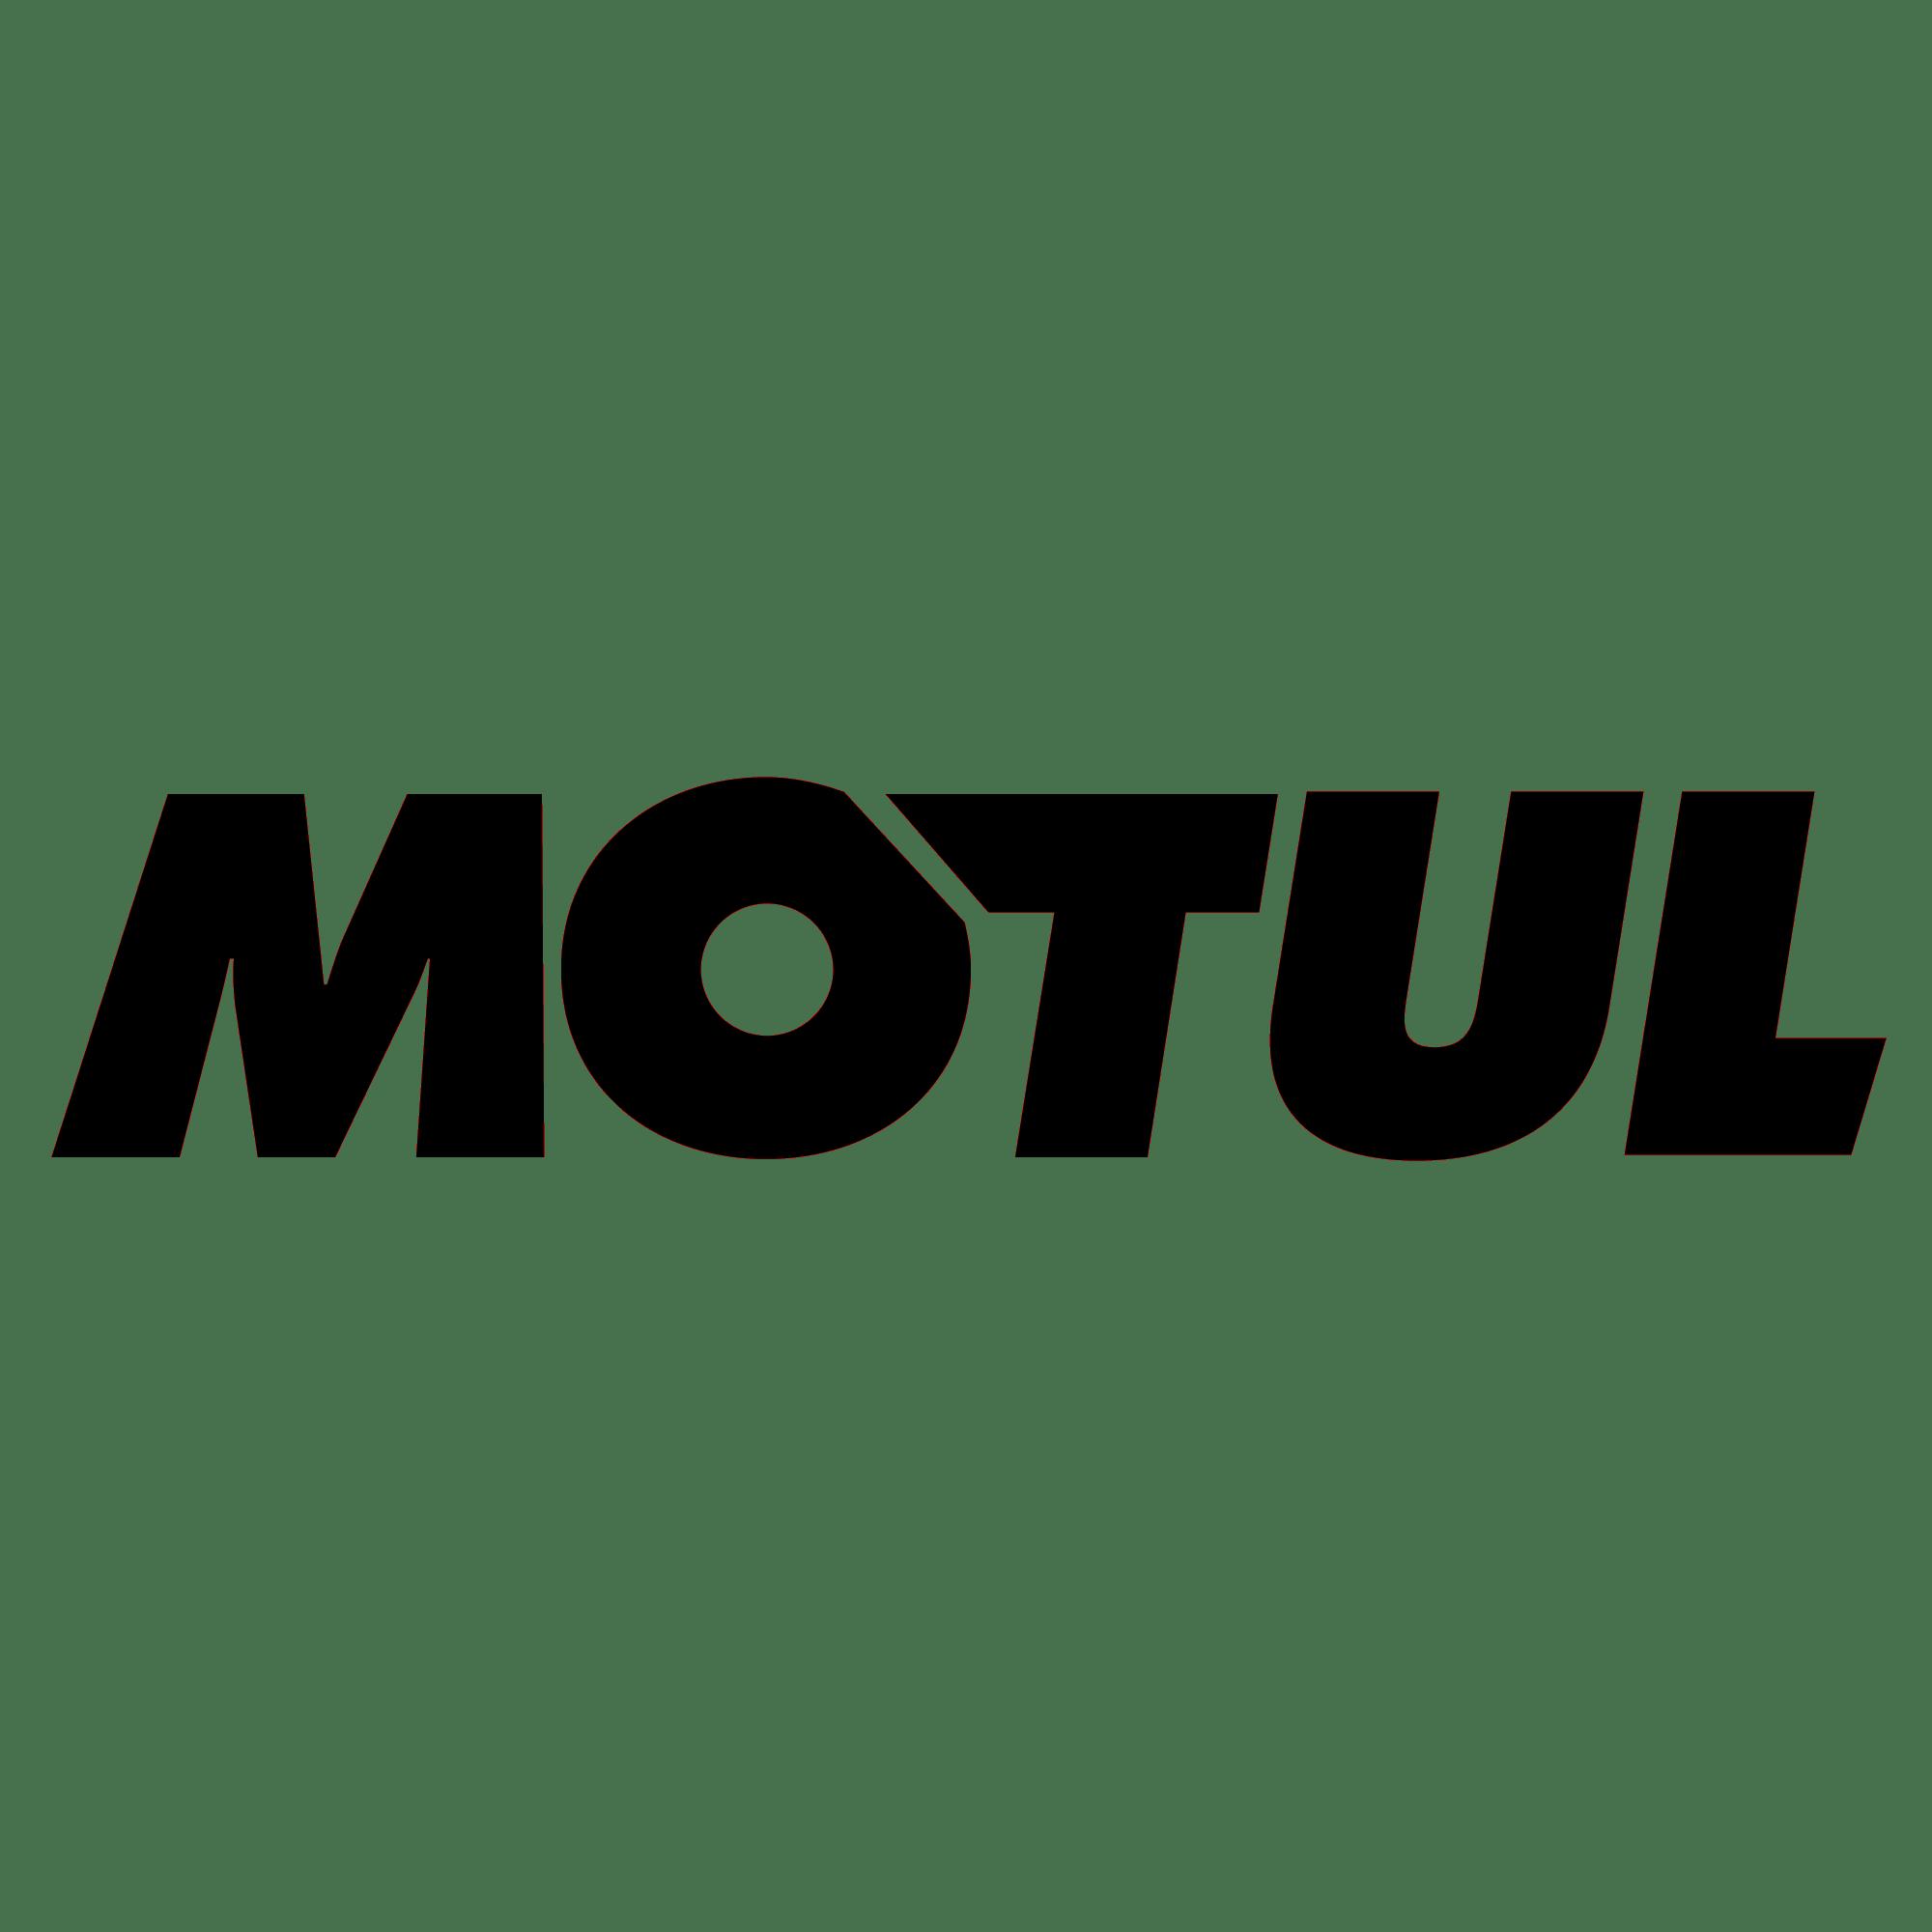 Aufkleber: Motul